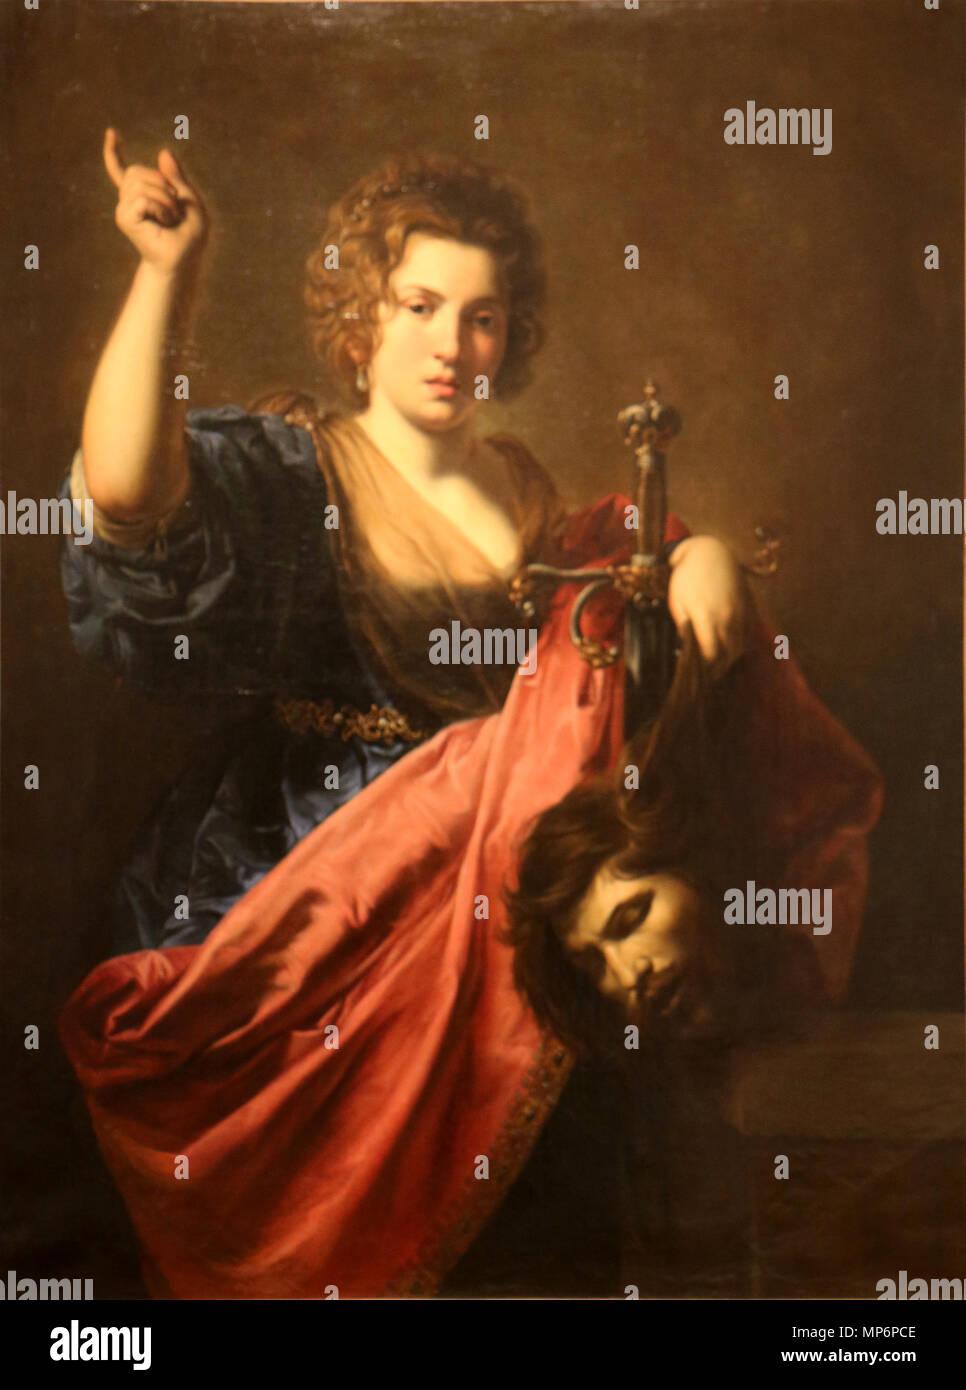 Judith  and Holopherne   .   1218 Valentin de Boulogne - Judith et Holopherne - Stock Image